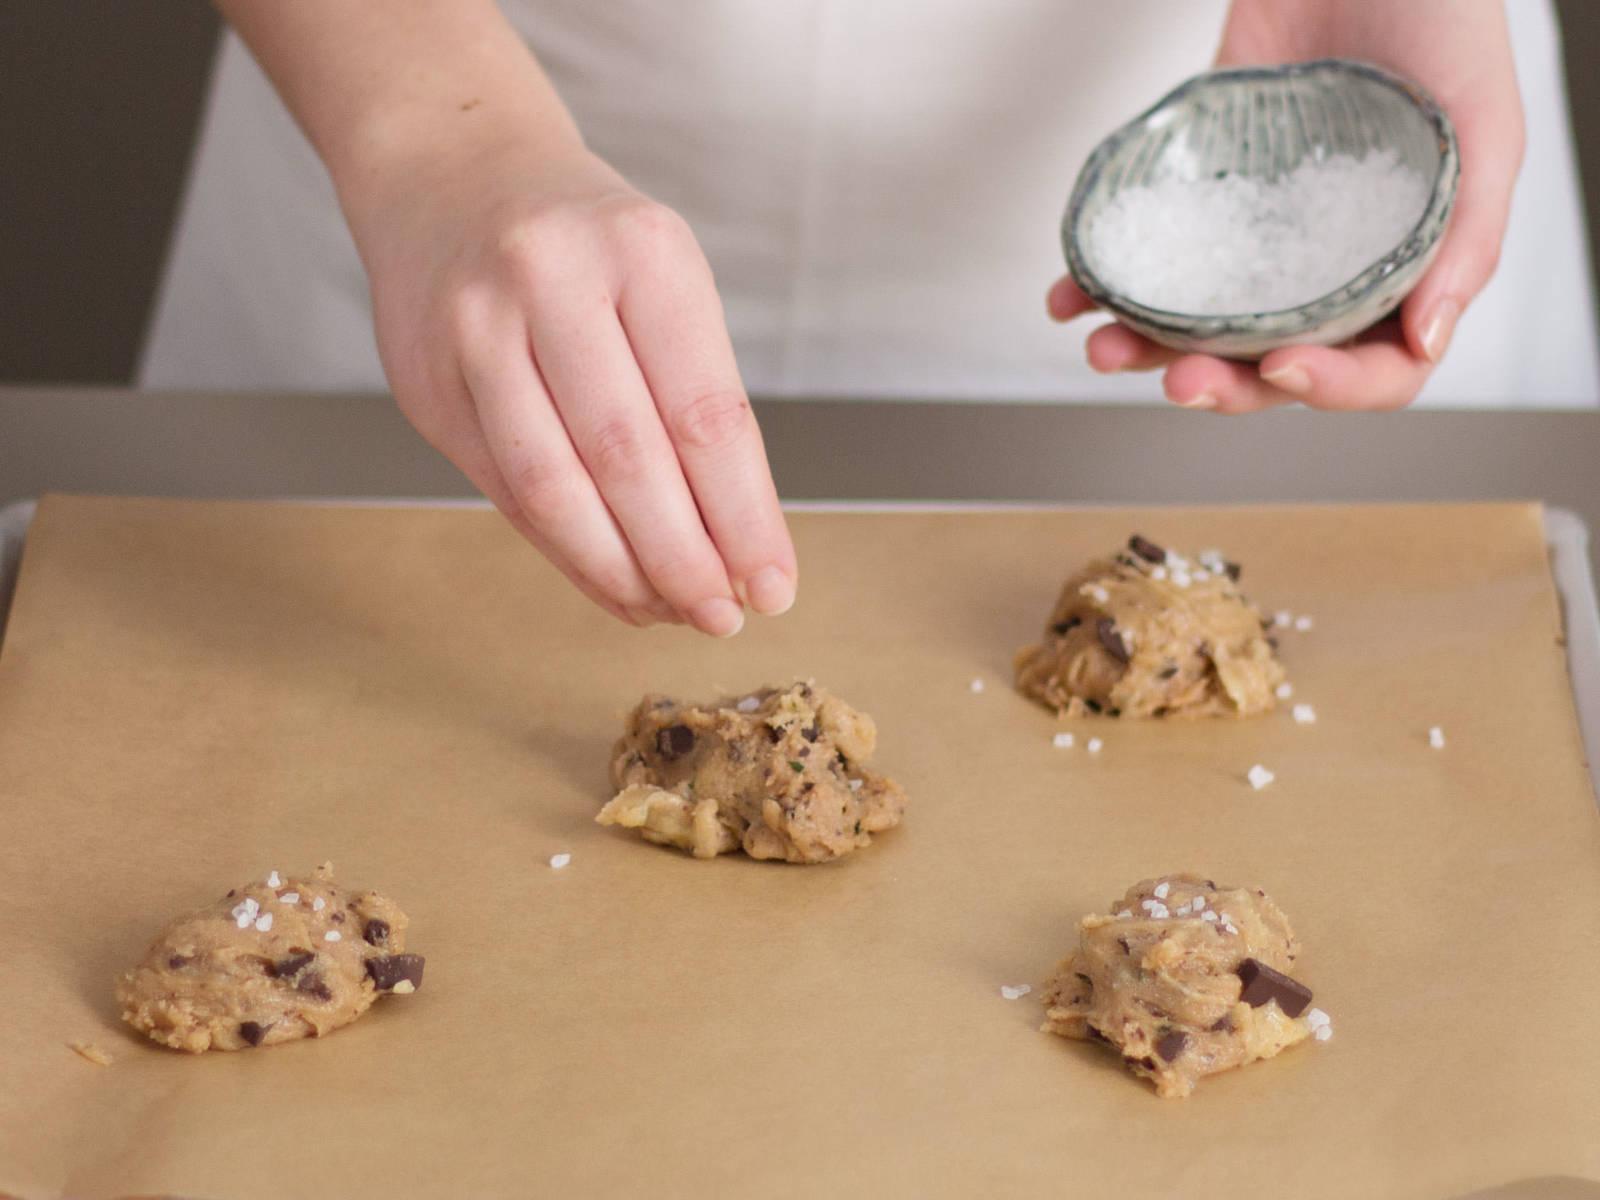 在每块饼干上撒上海盐。在预热好了的烤箱内200°C/390°F烤大约8至12分钟,尽情享用吧!